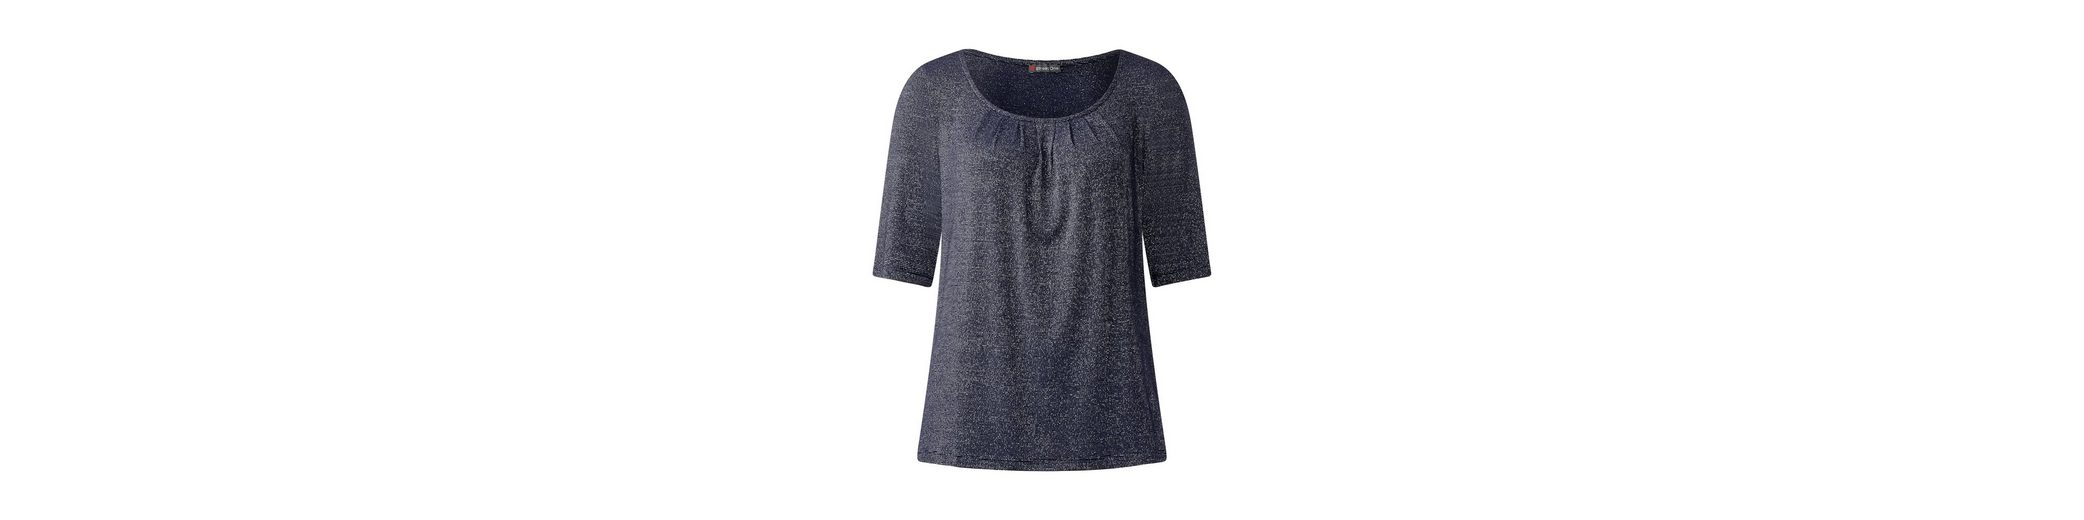 Verkaufsshop Günstigsten Preis Zu Verkaufen Street One Halbarm Shirt mit Glitzer UK6IMNjeL5